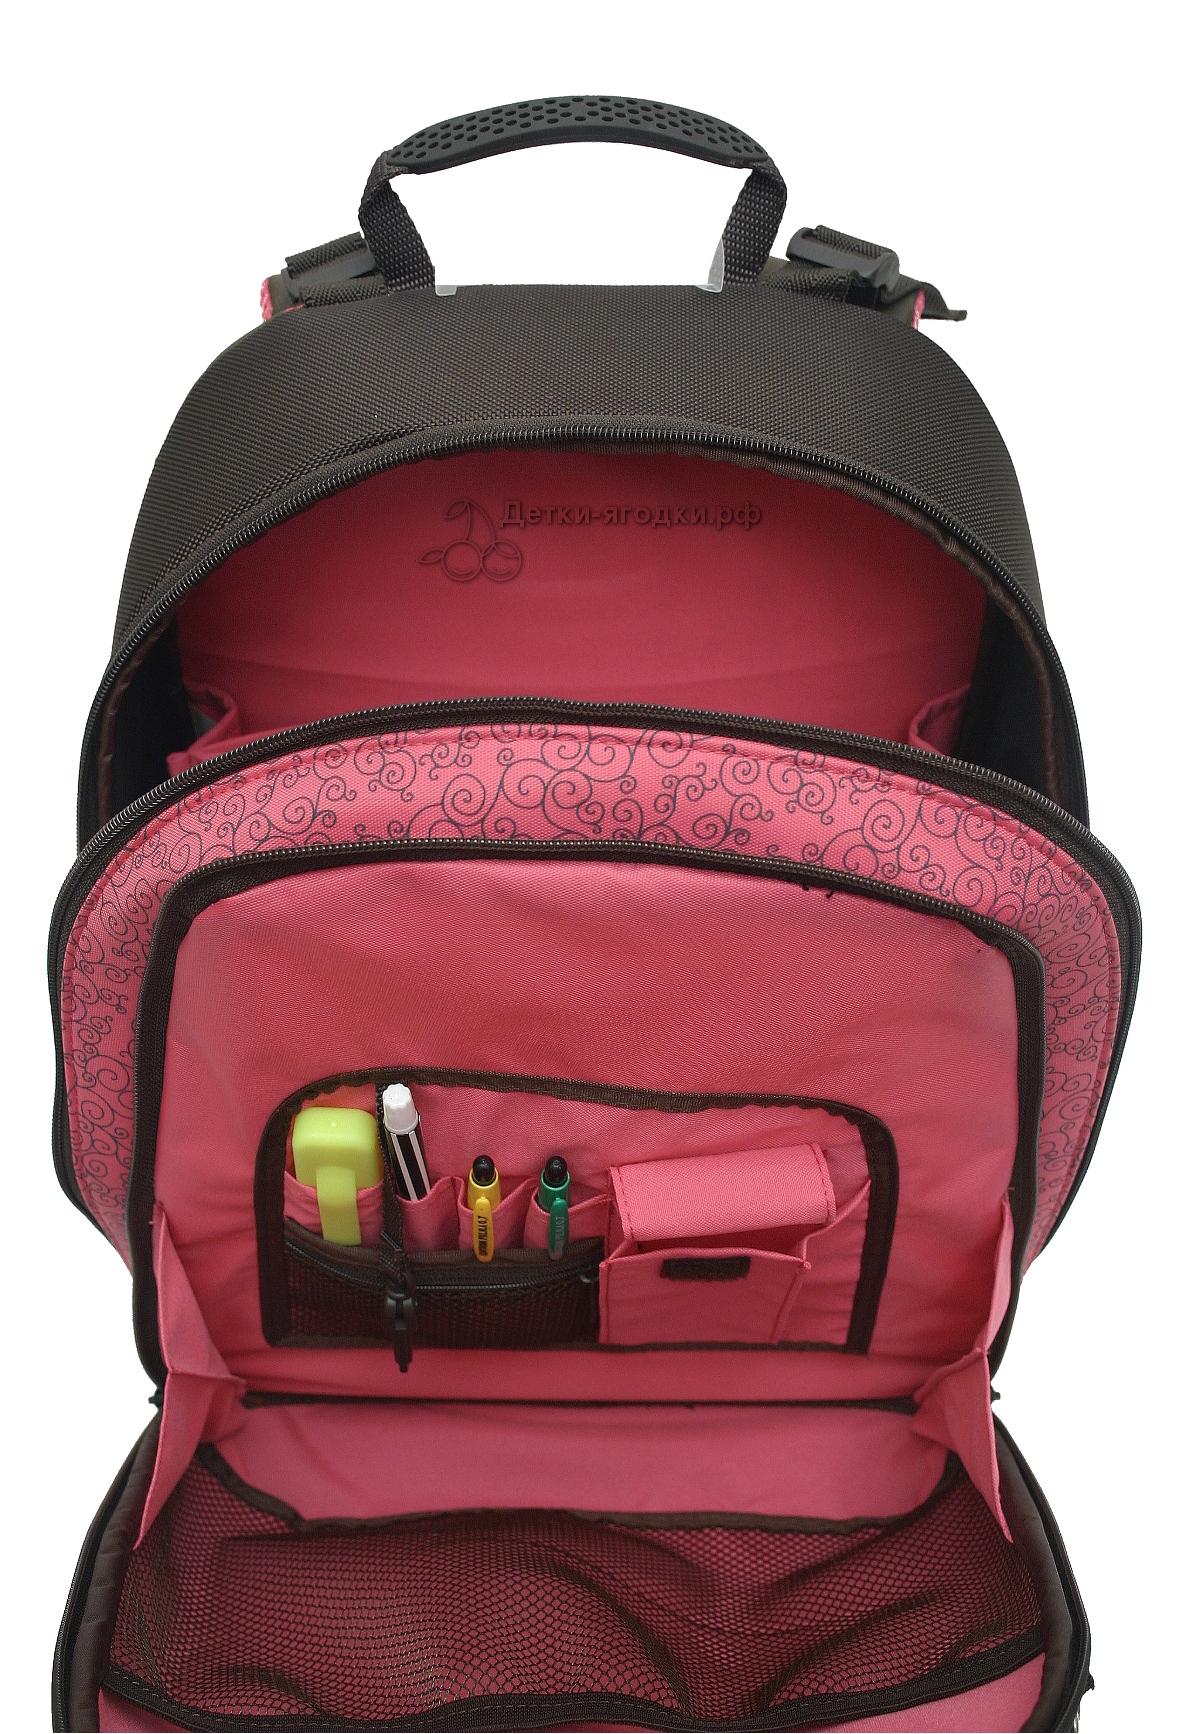 Школьный рюкзак Hummingbird T89 официальный, - фото 4